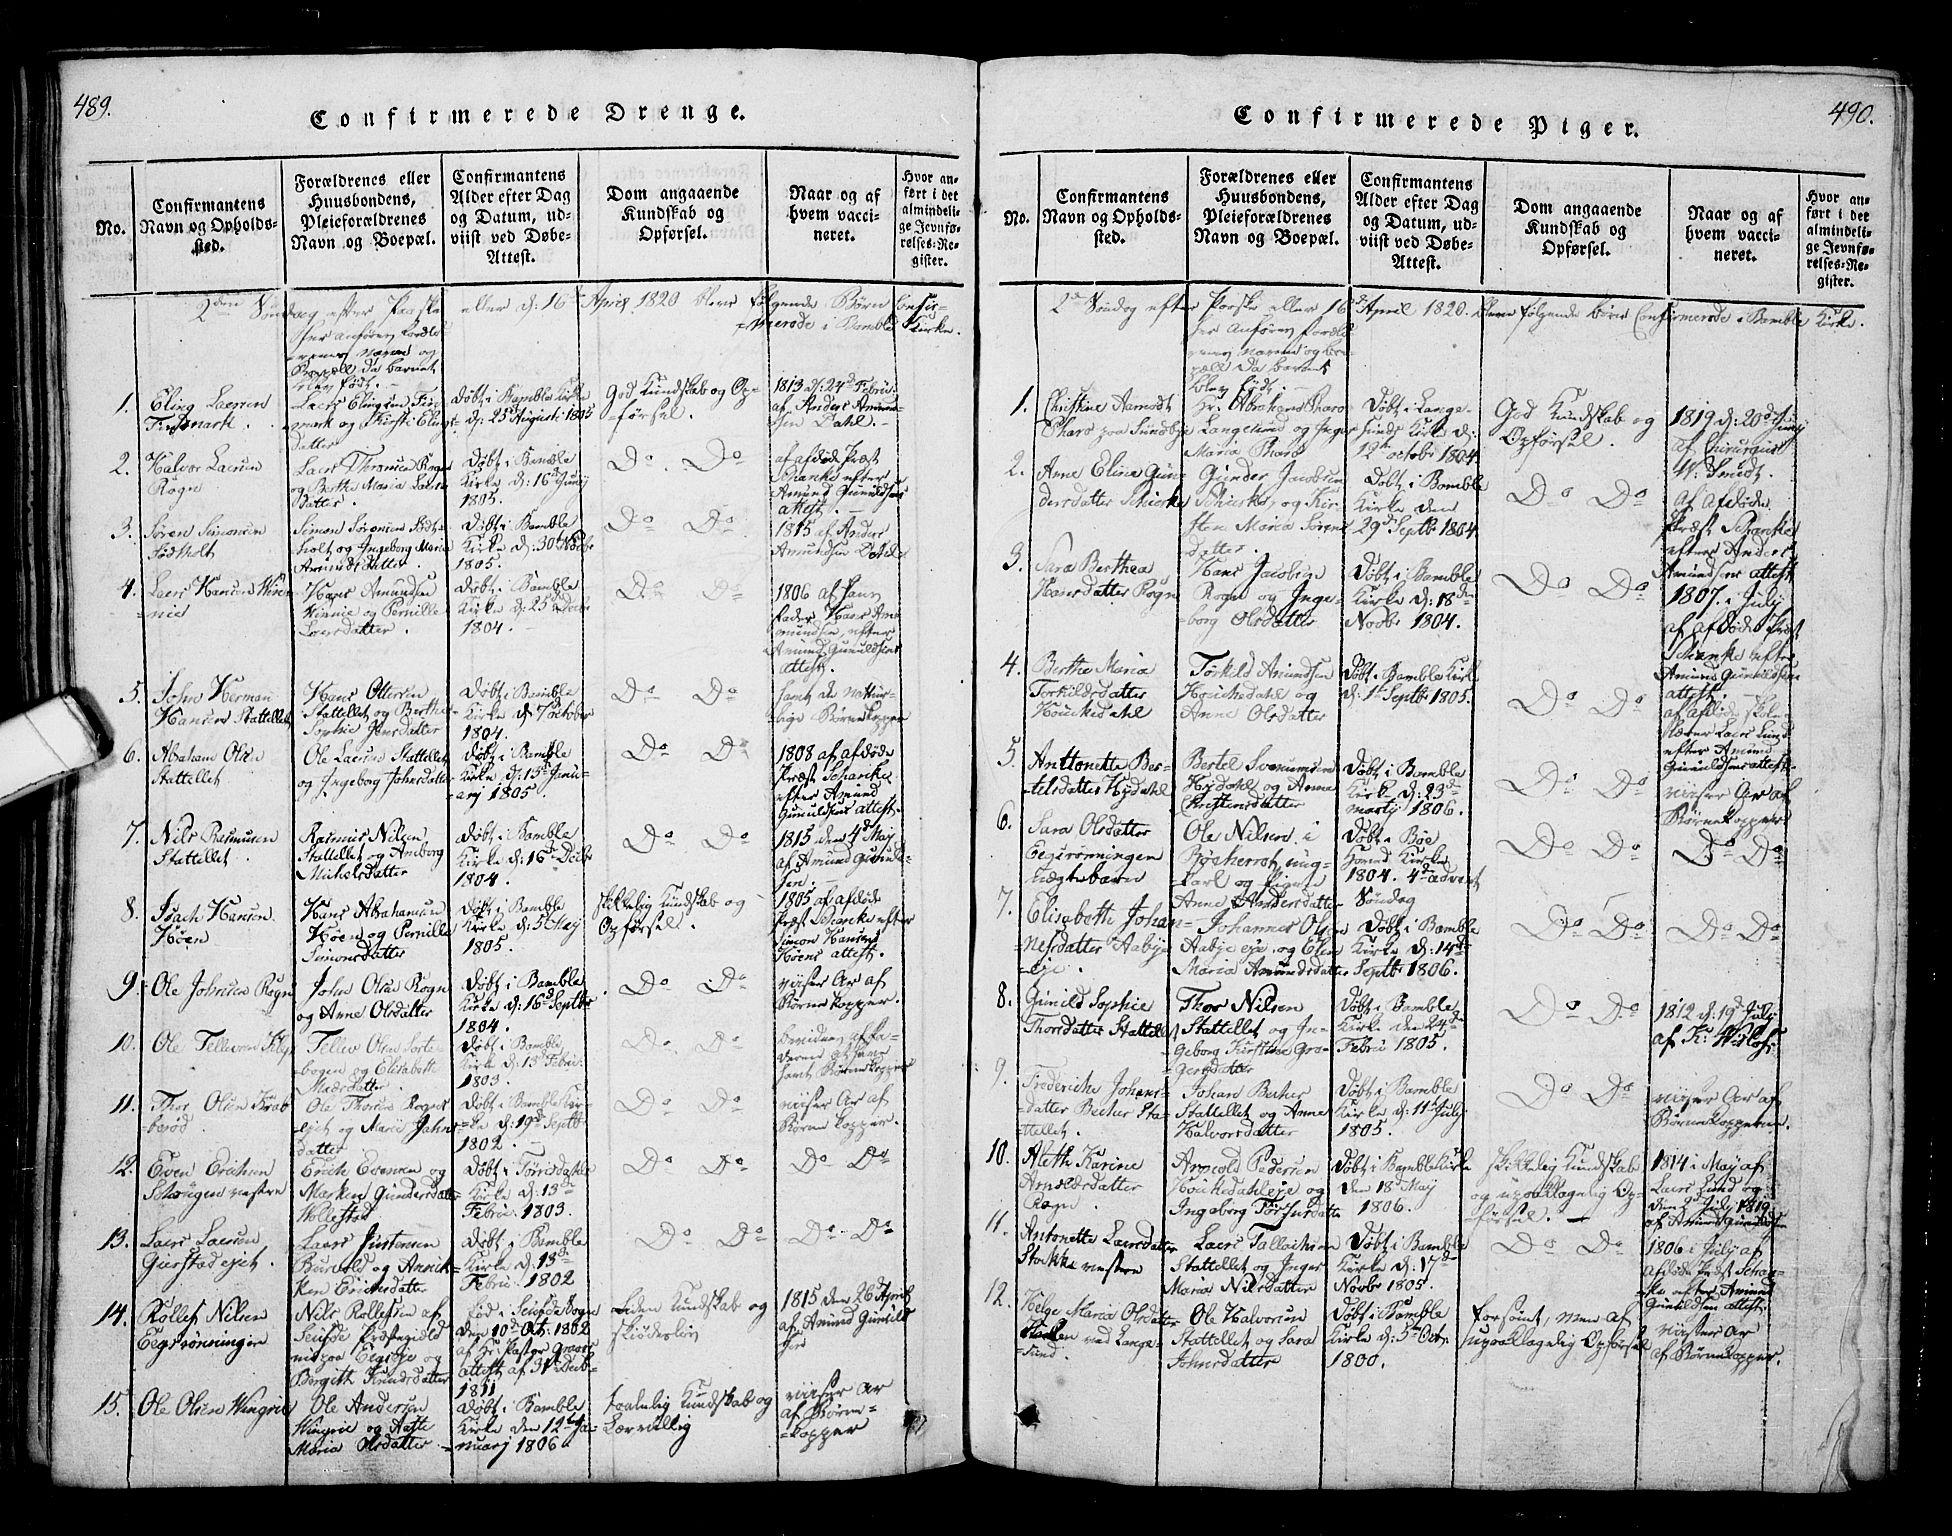 SAKO, Bamble kirkebøker, G/Ga/L0005: Klokkerbok nr. I 5, 1814-1855, s. 489-490